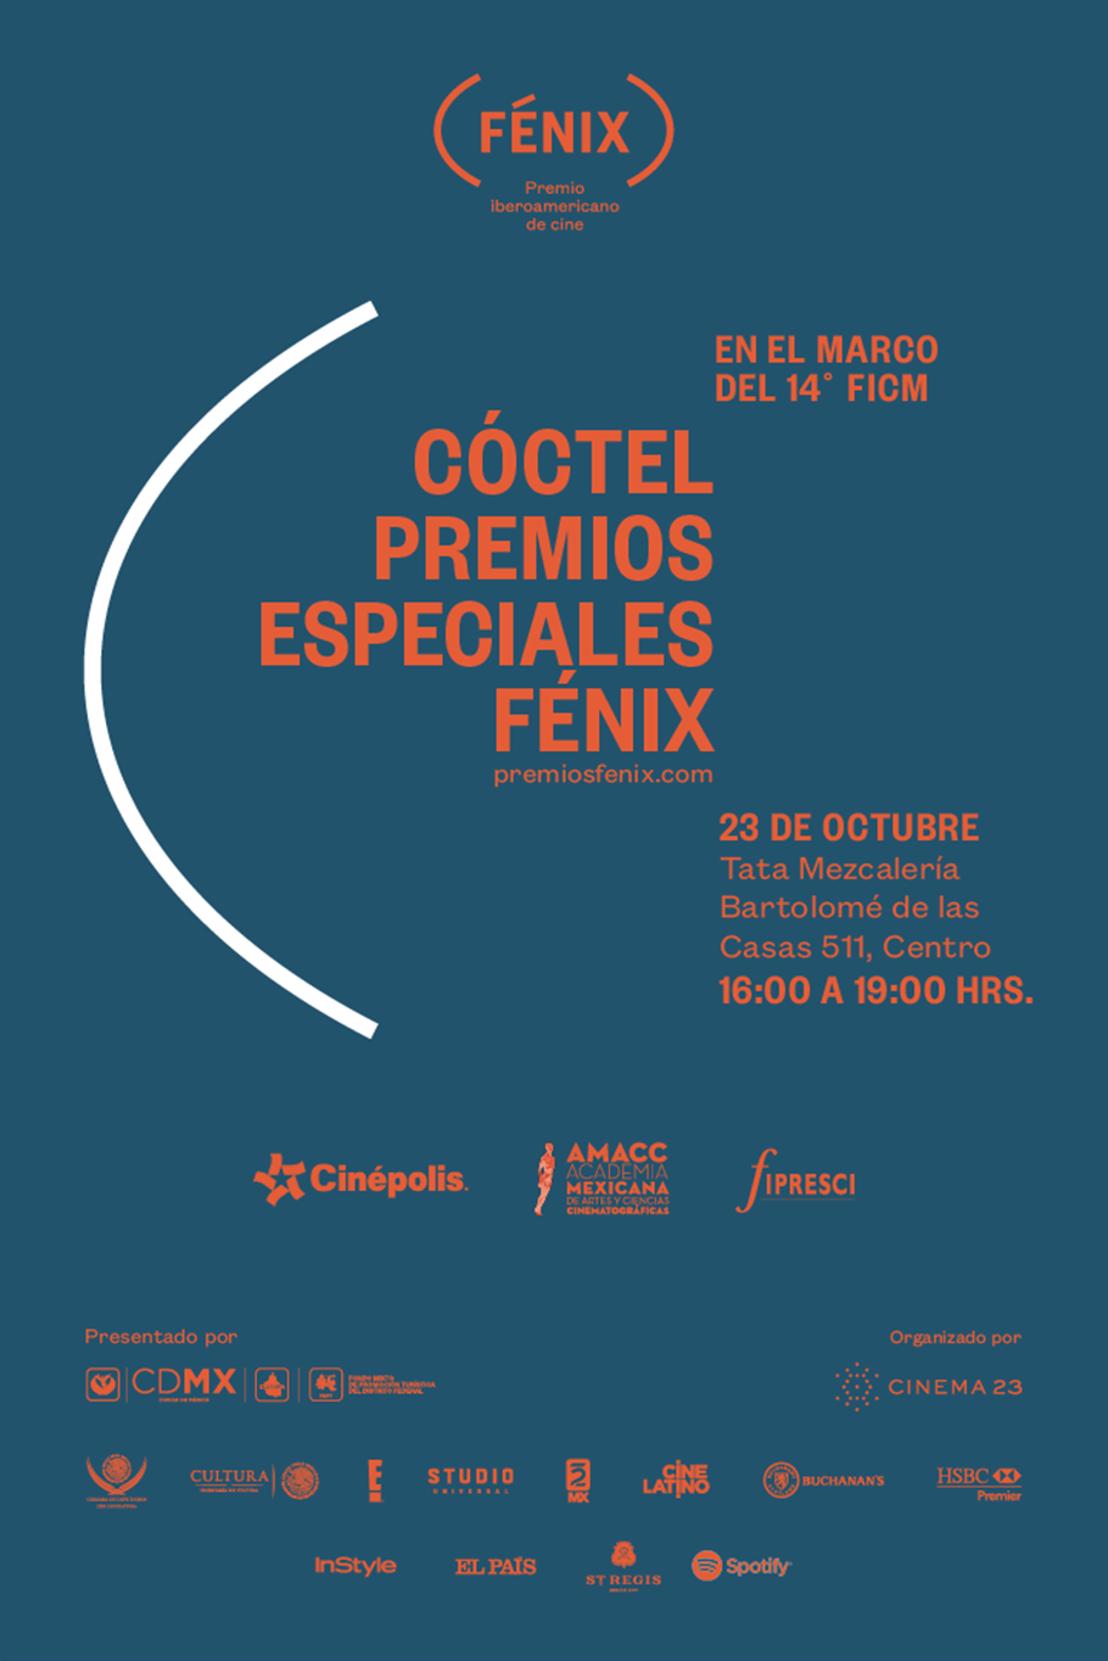 Invitación cóctel Premios Especiales Fénix